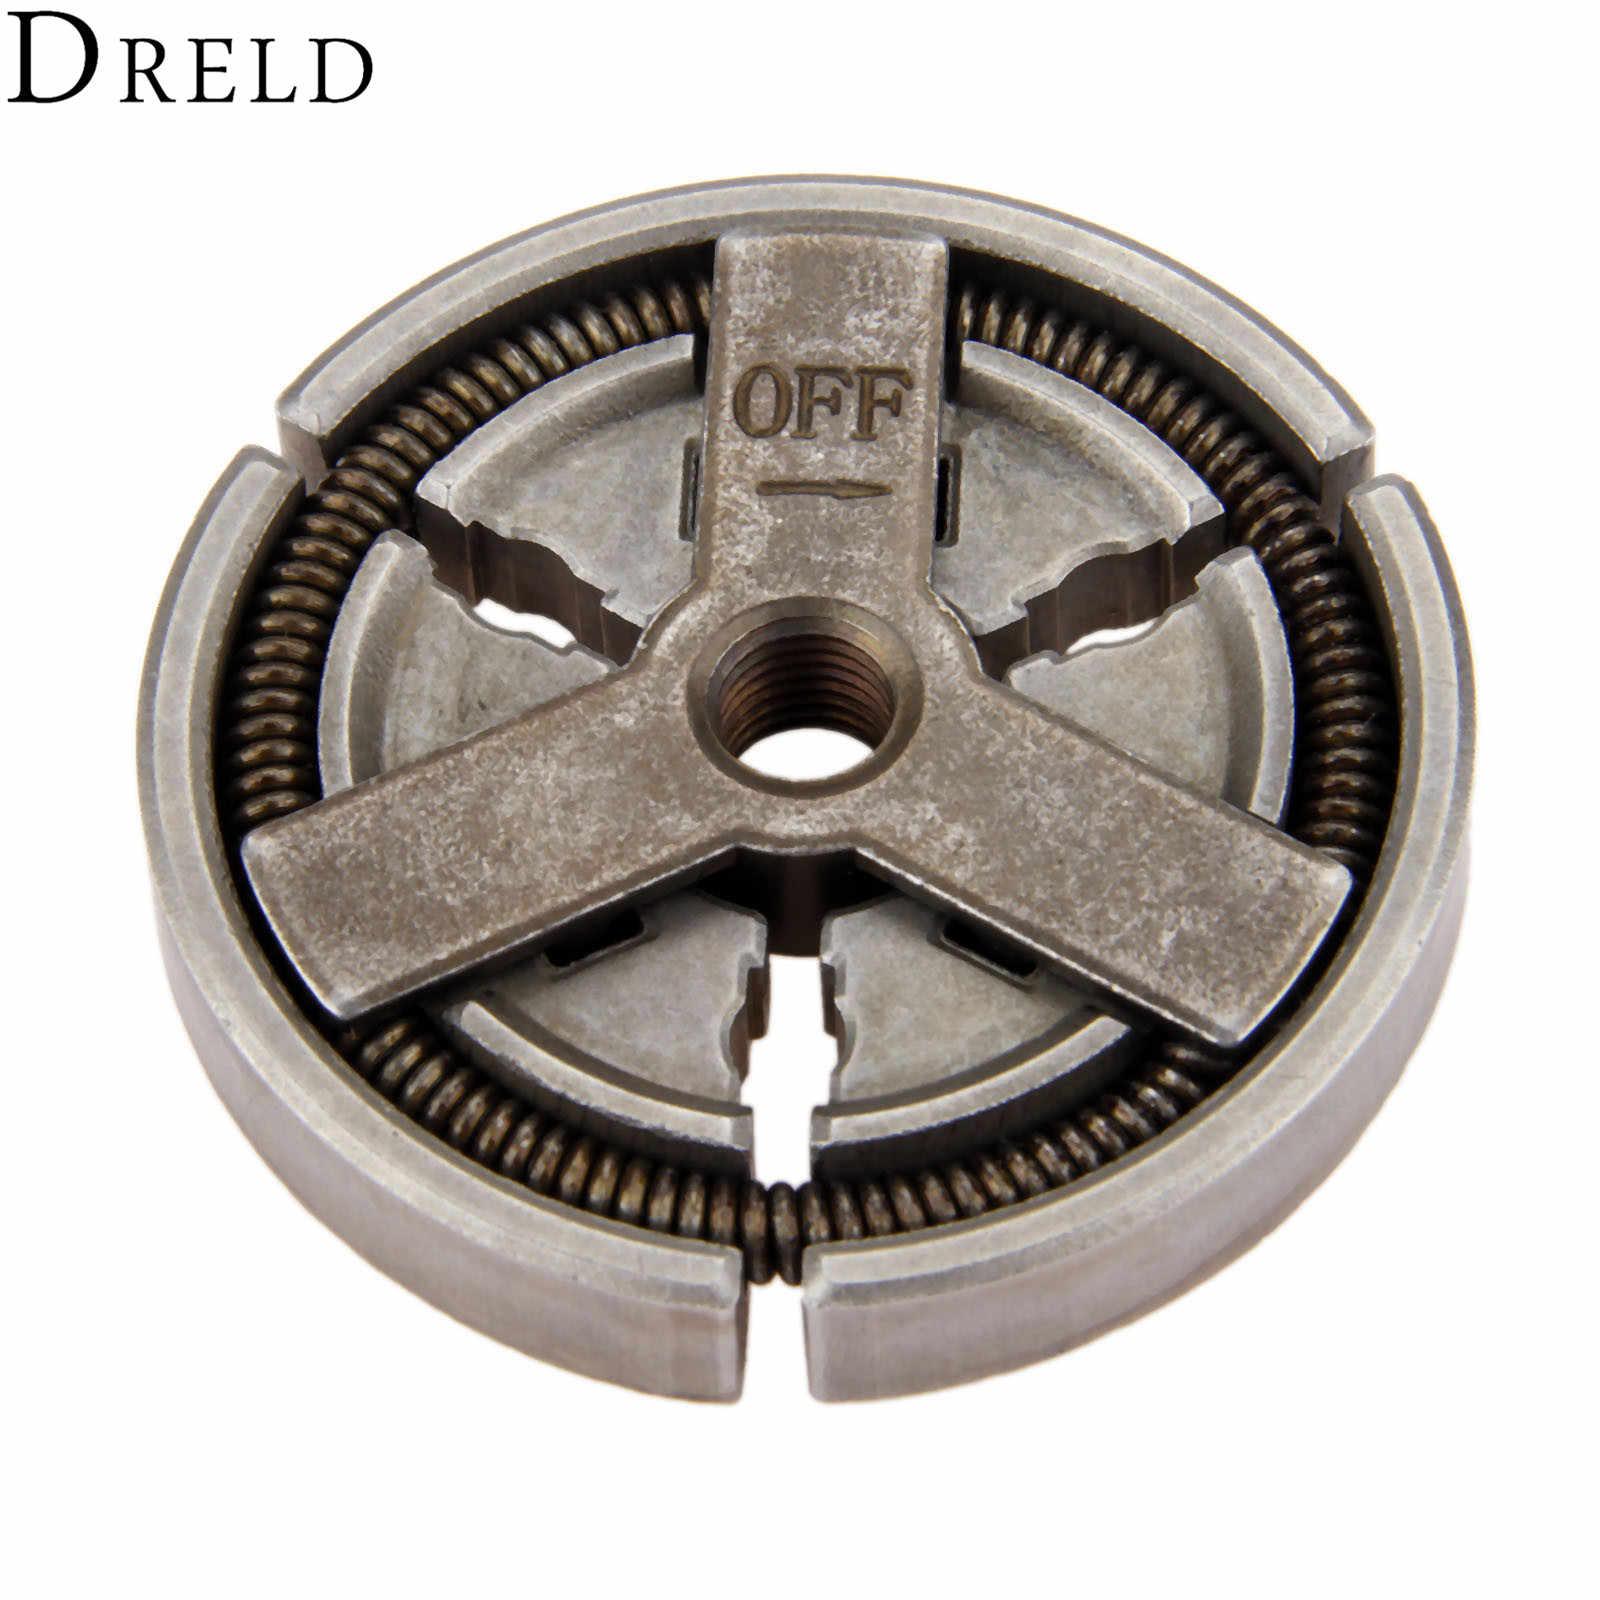 DRELD 1 pc części zamienne do piły łańcuchowej sprzęgła pasuje do chińskiej piły łańcuchowej 4500 5200 5800 45CC 52CC 58CC taurus MT-9999 wymiana części